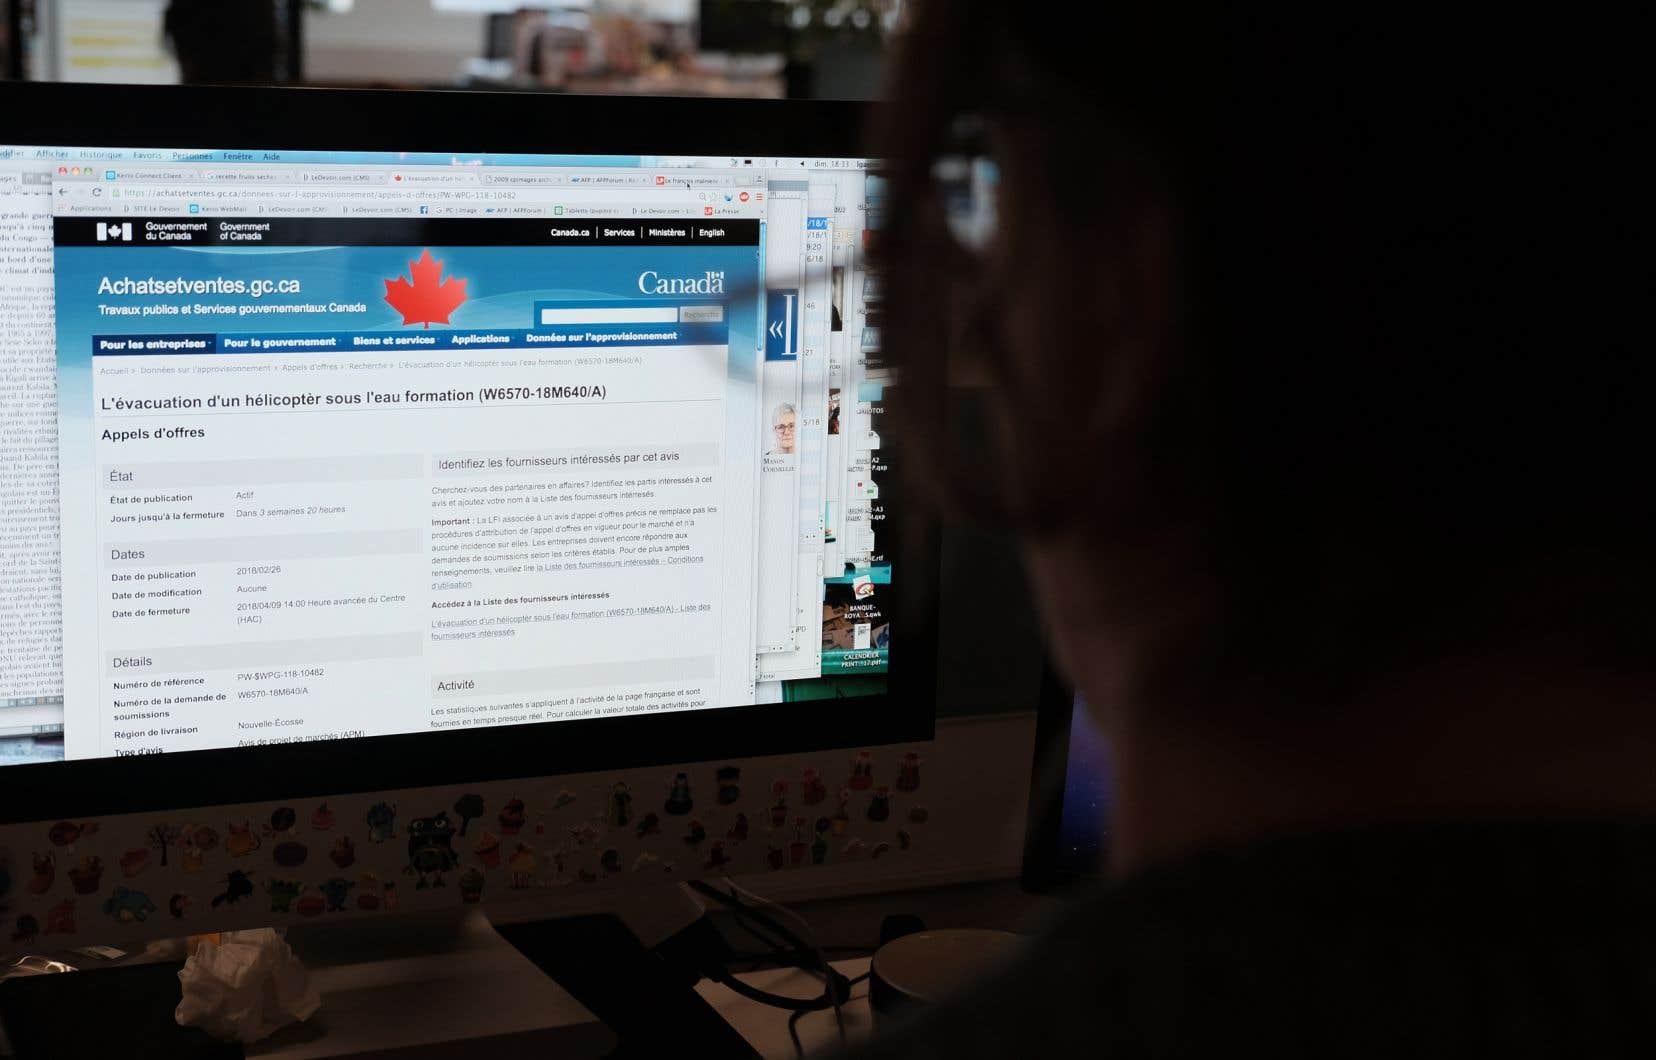 Cet appel d'offres, qui figure dans la version française du site Web du gouvernement du Canada, ne représente qu'une fraction des cas de traductions bancales recensés.